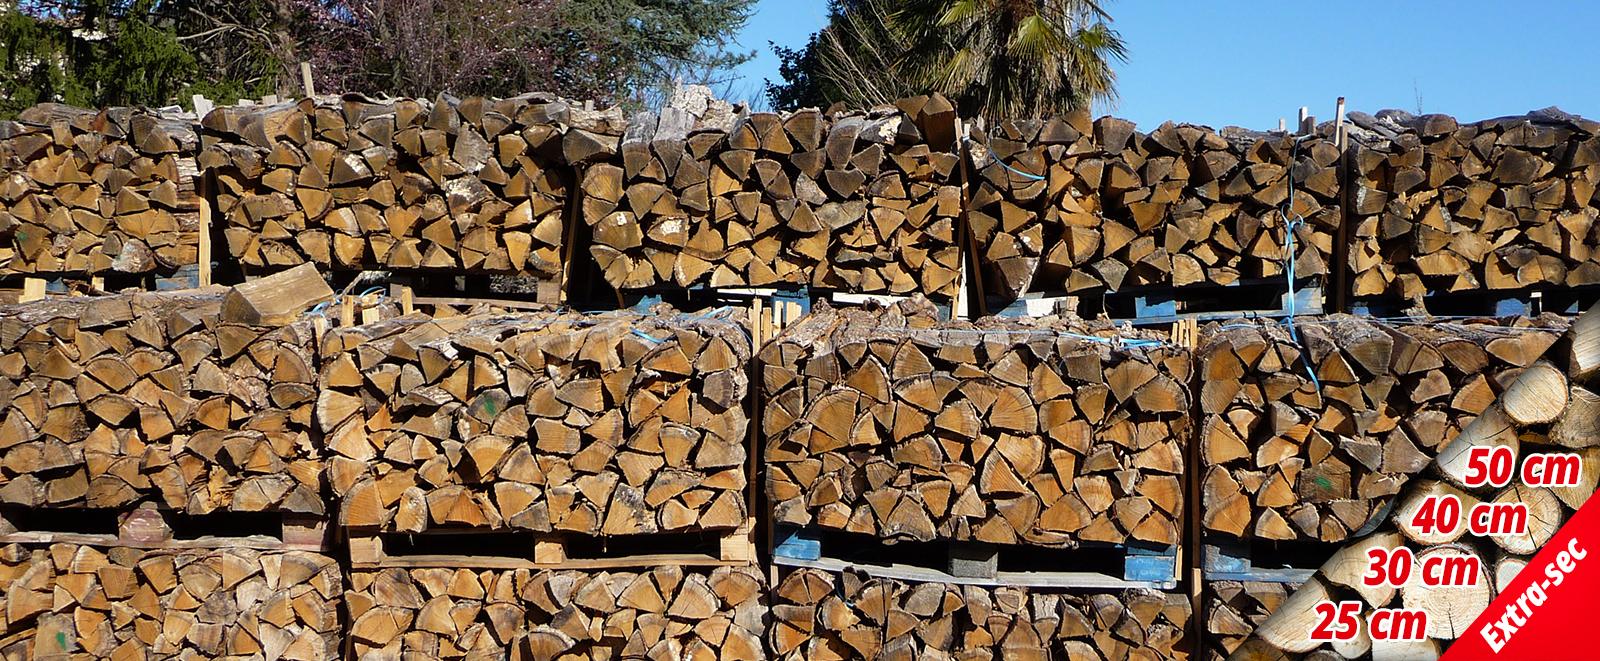 Bois De Chauffage Montpellier